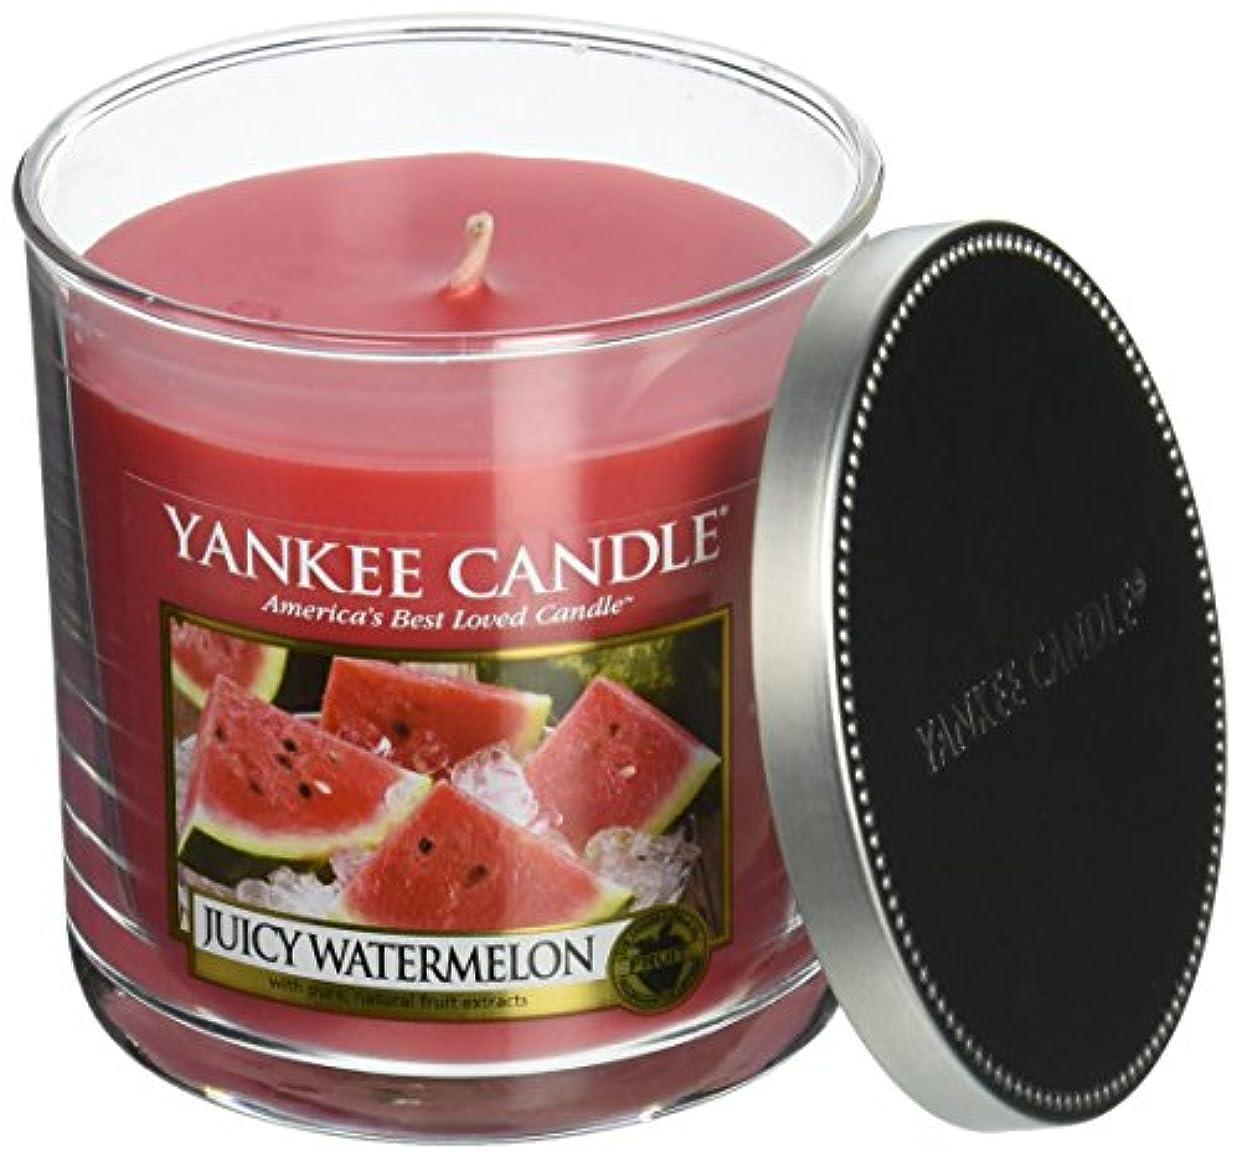 洞察力のあるについてとらえどころのないYankee Candle Juicyメロン、フルーツ香り Small Single Wick Tumbler Candle レッド 1186165Z